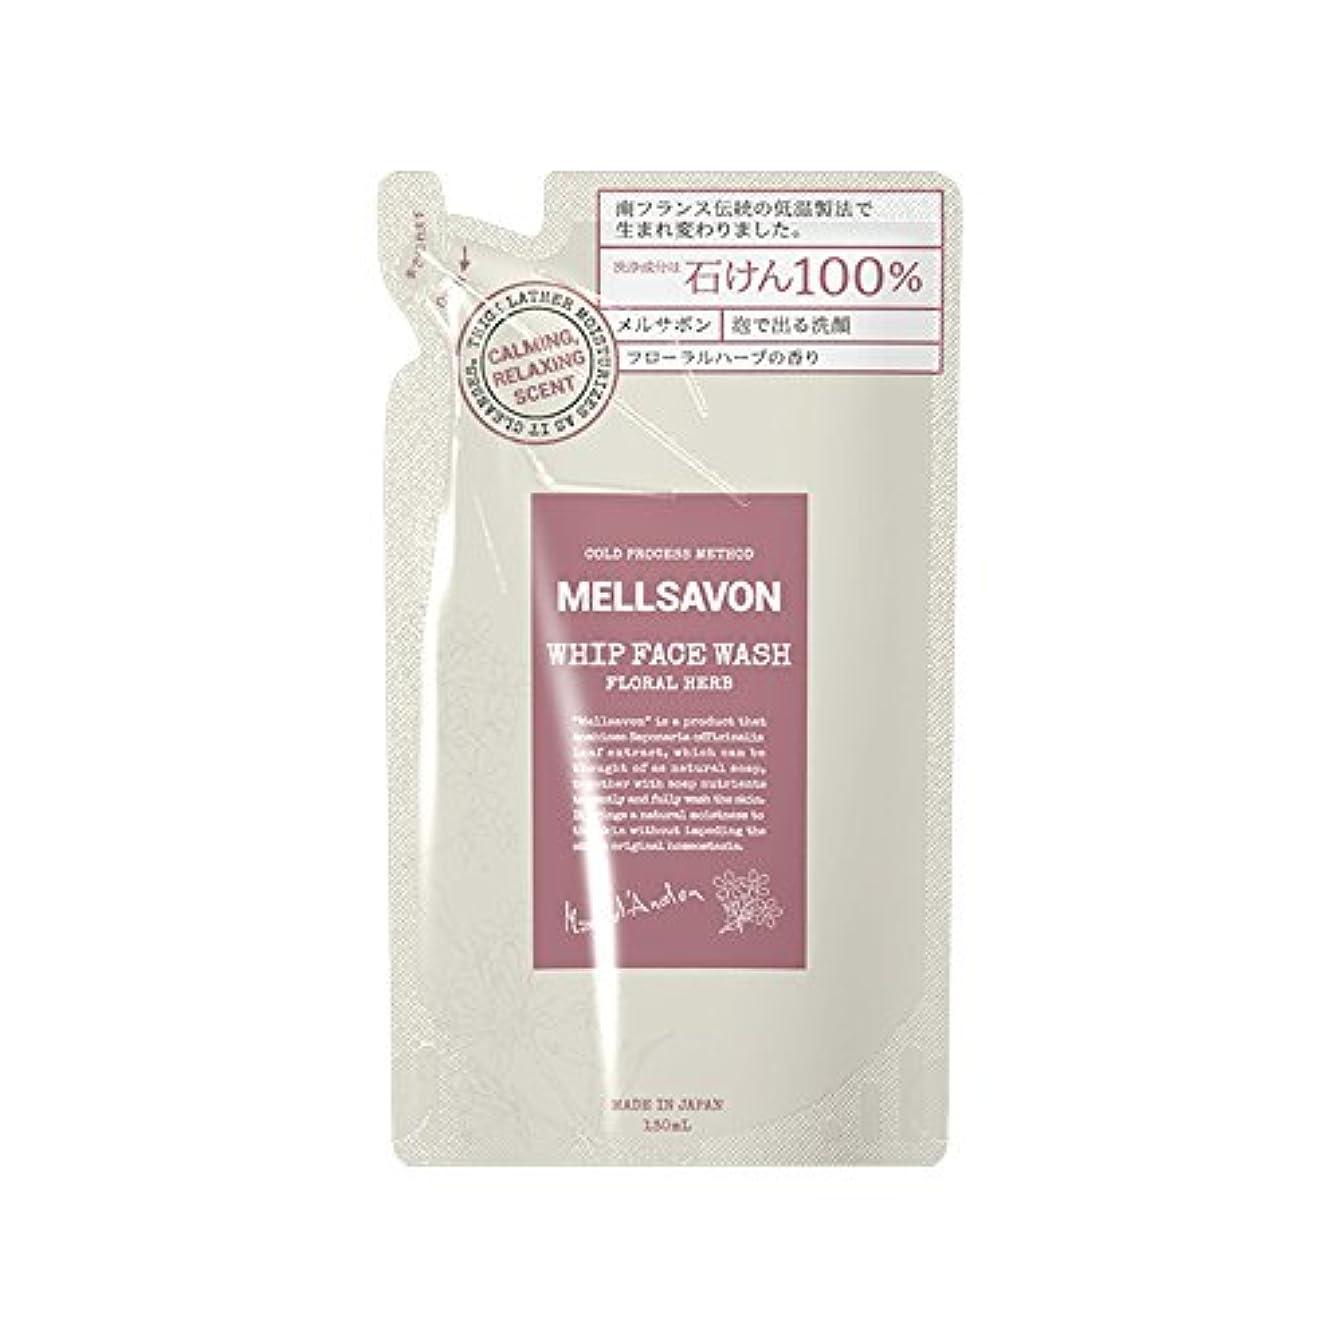 アセ起こる思春期のMellsavon(メルサボン) メルサボン ホイップフェイスウォッシュ フローラルハーブ 詰替 130mL 洗顔